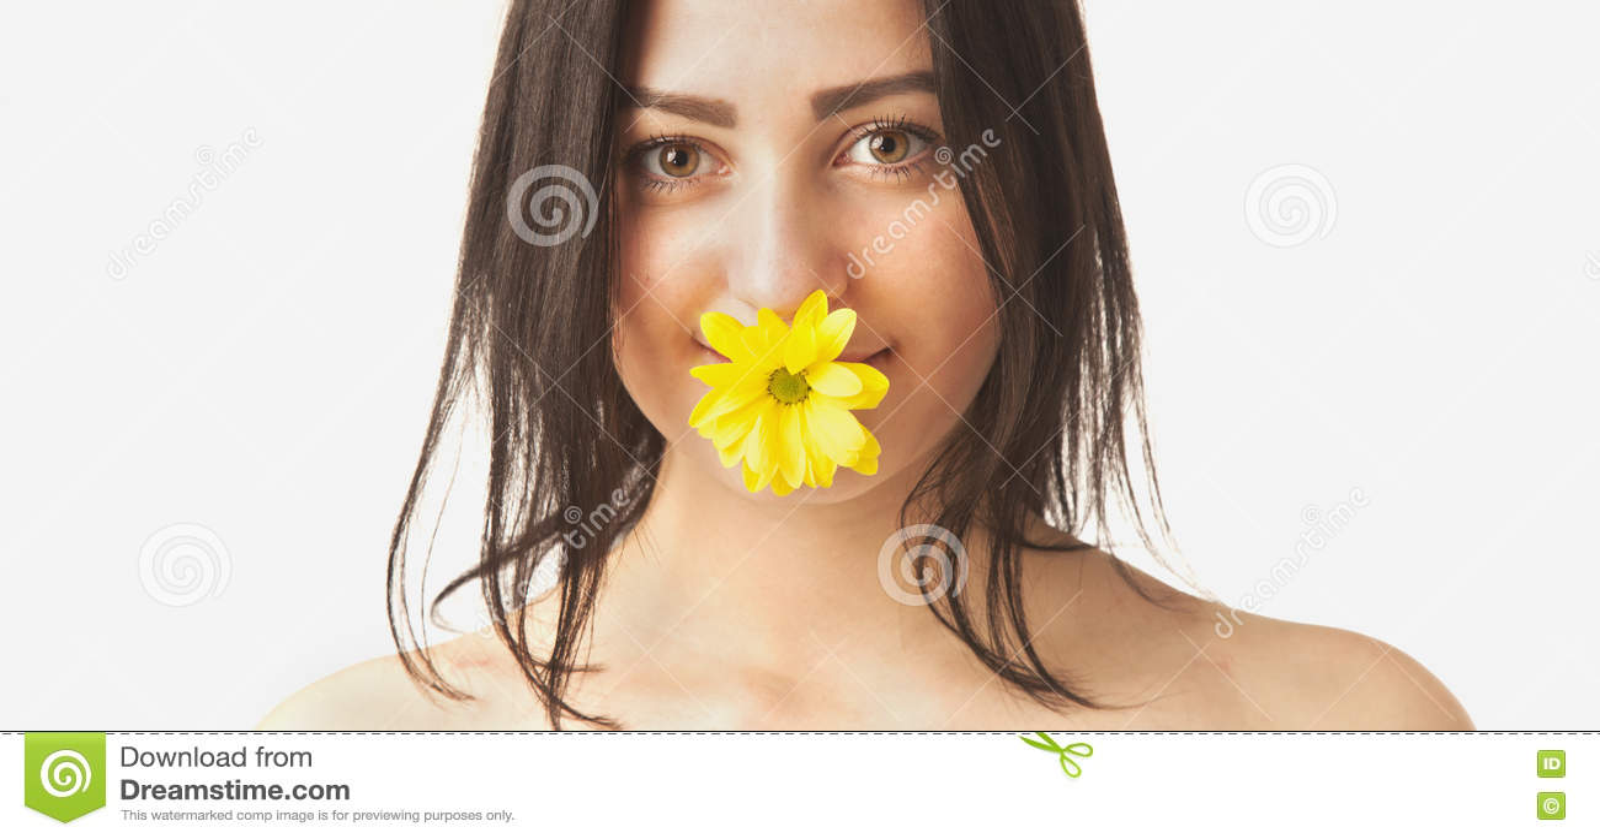 Mulher com a flor amarela em sua boca